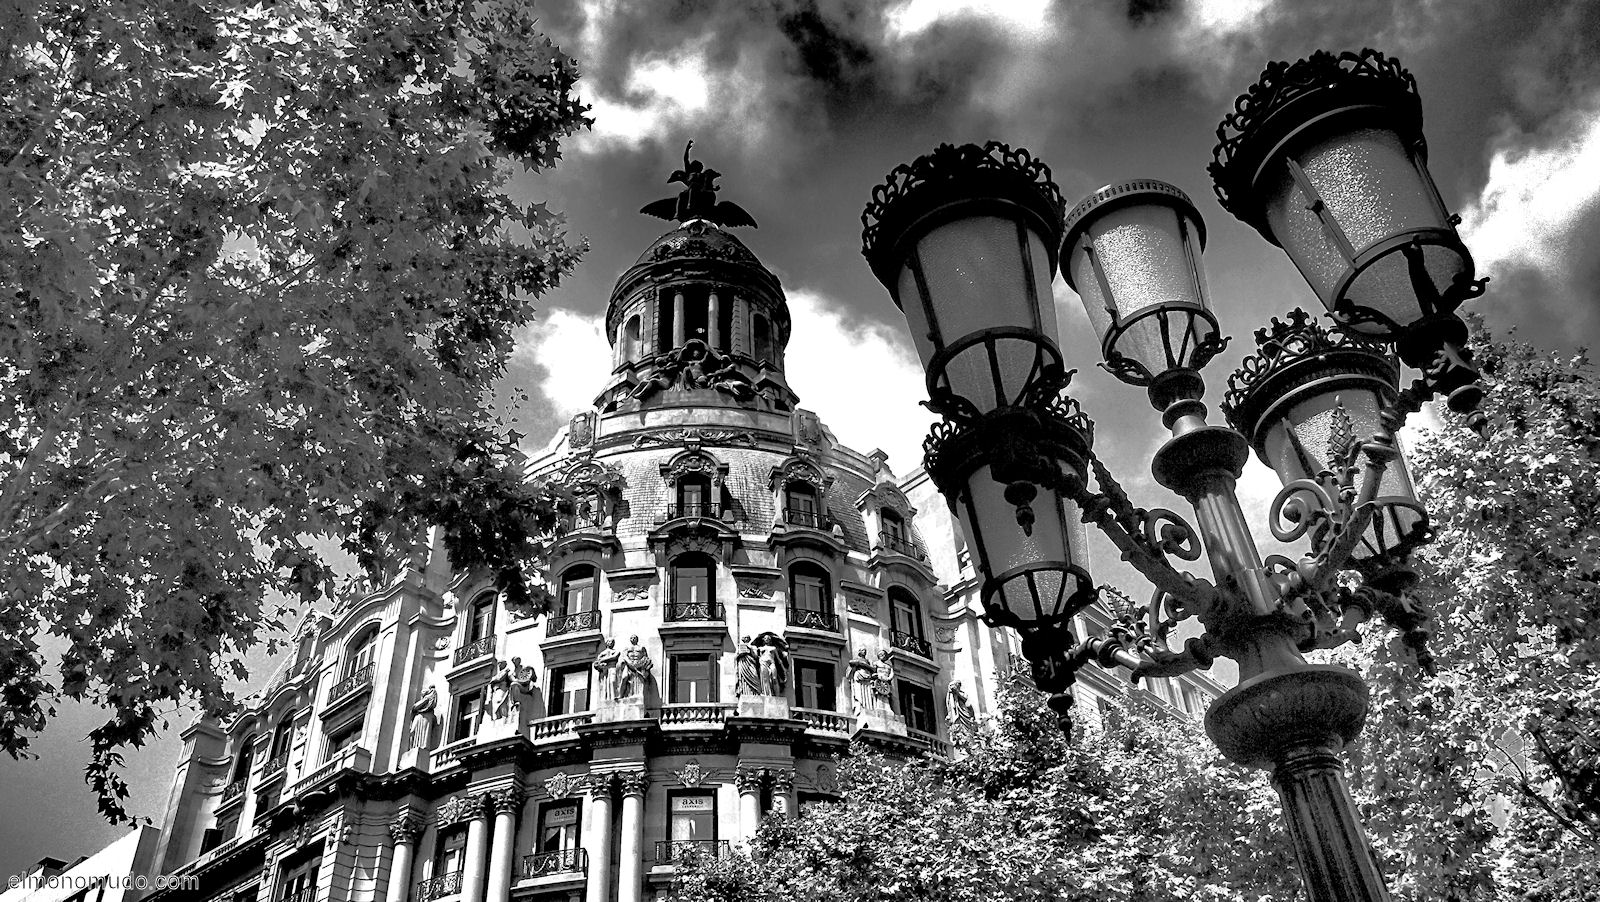 Nuova vita a Barcellona